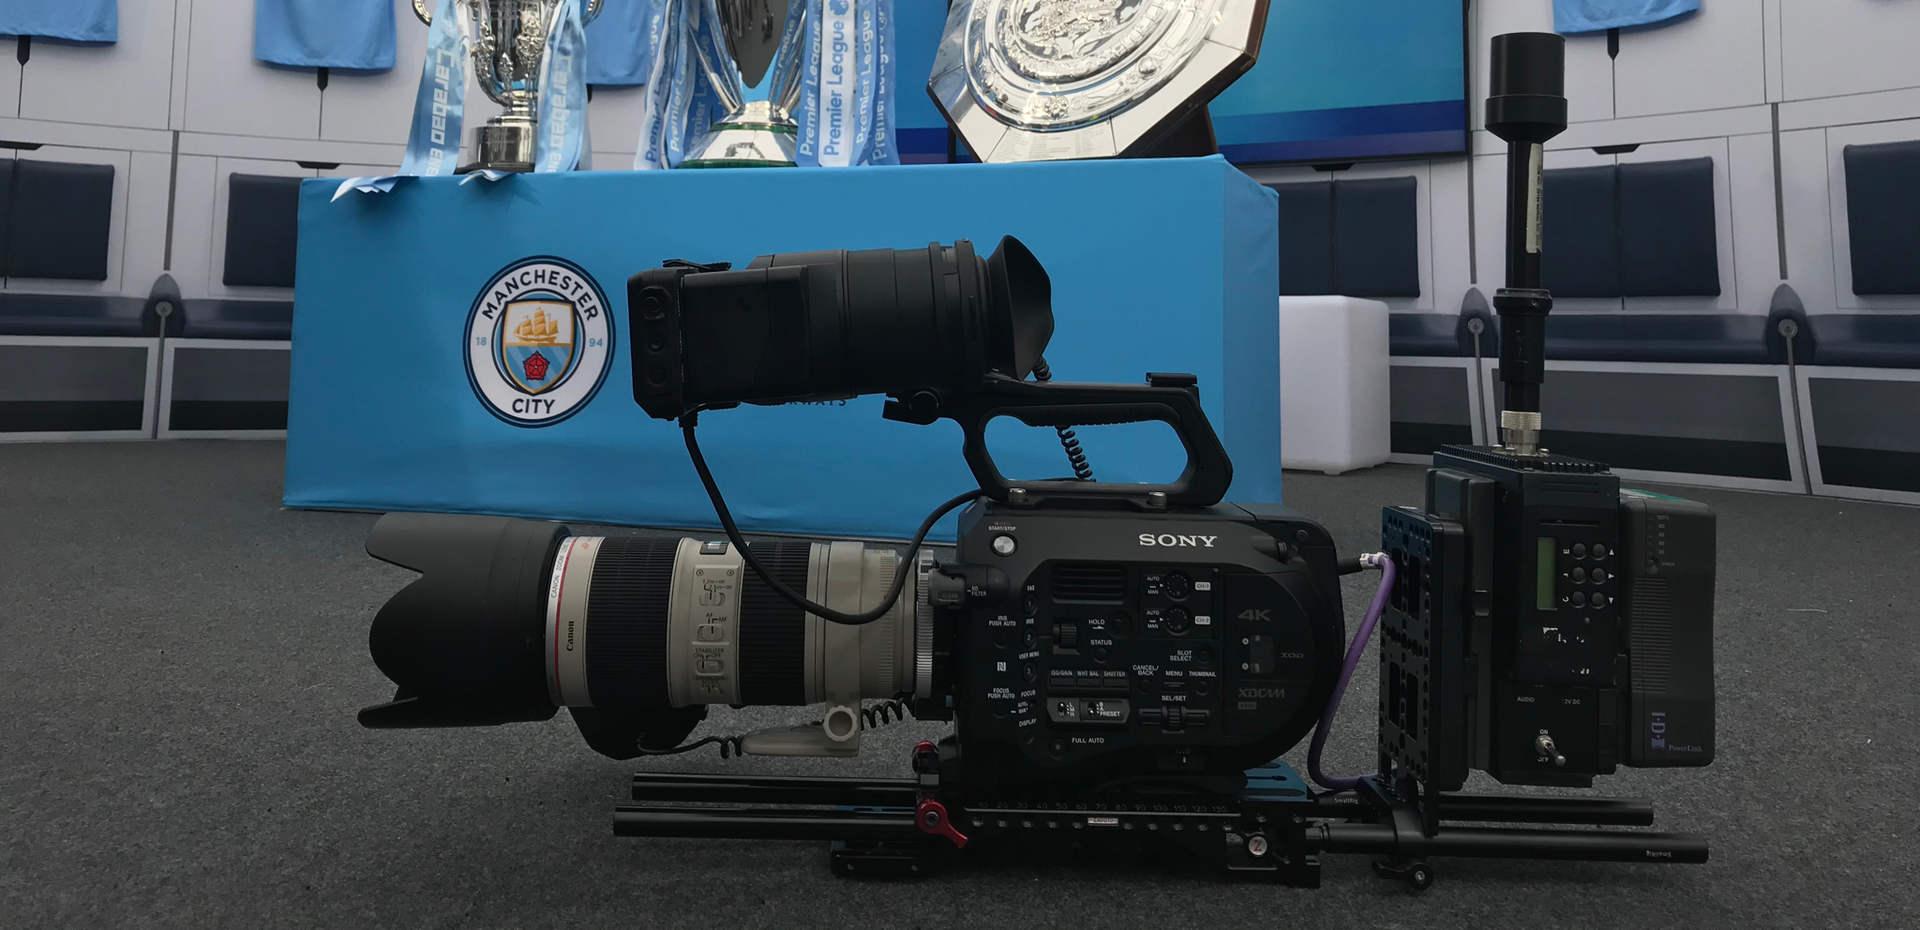 Football - Manchester City.jpg